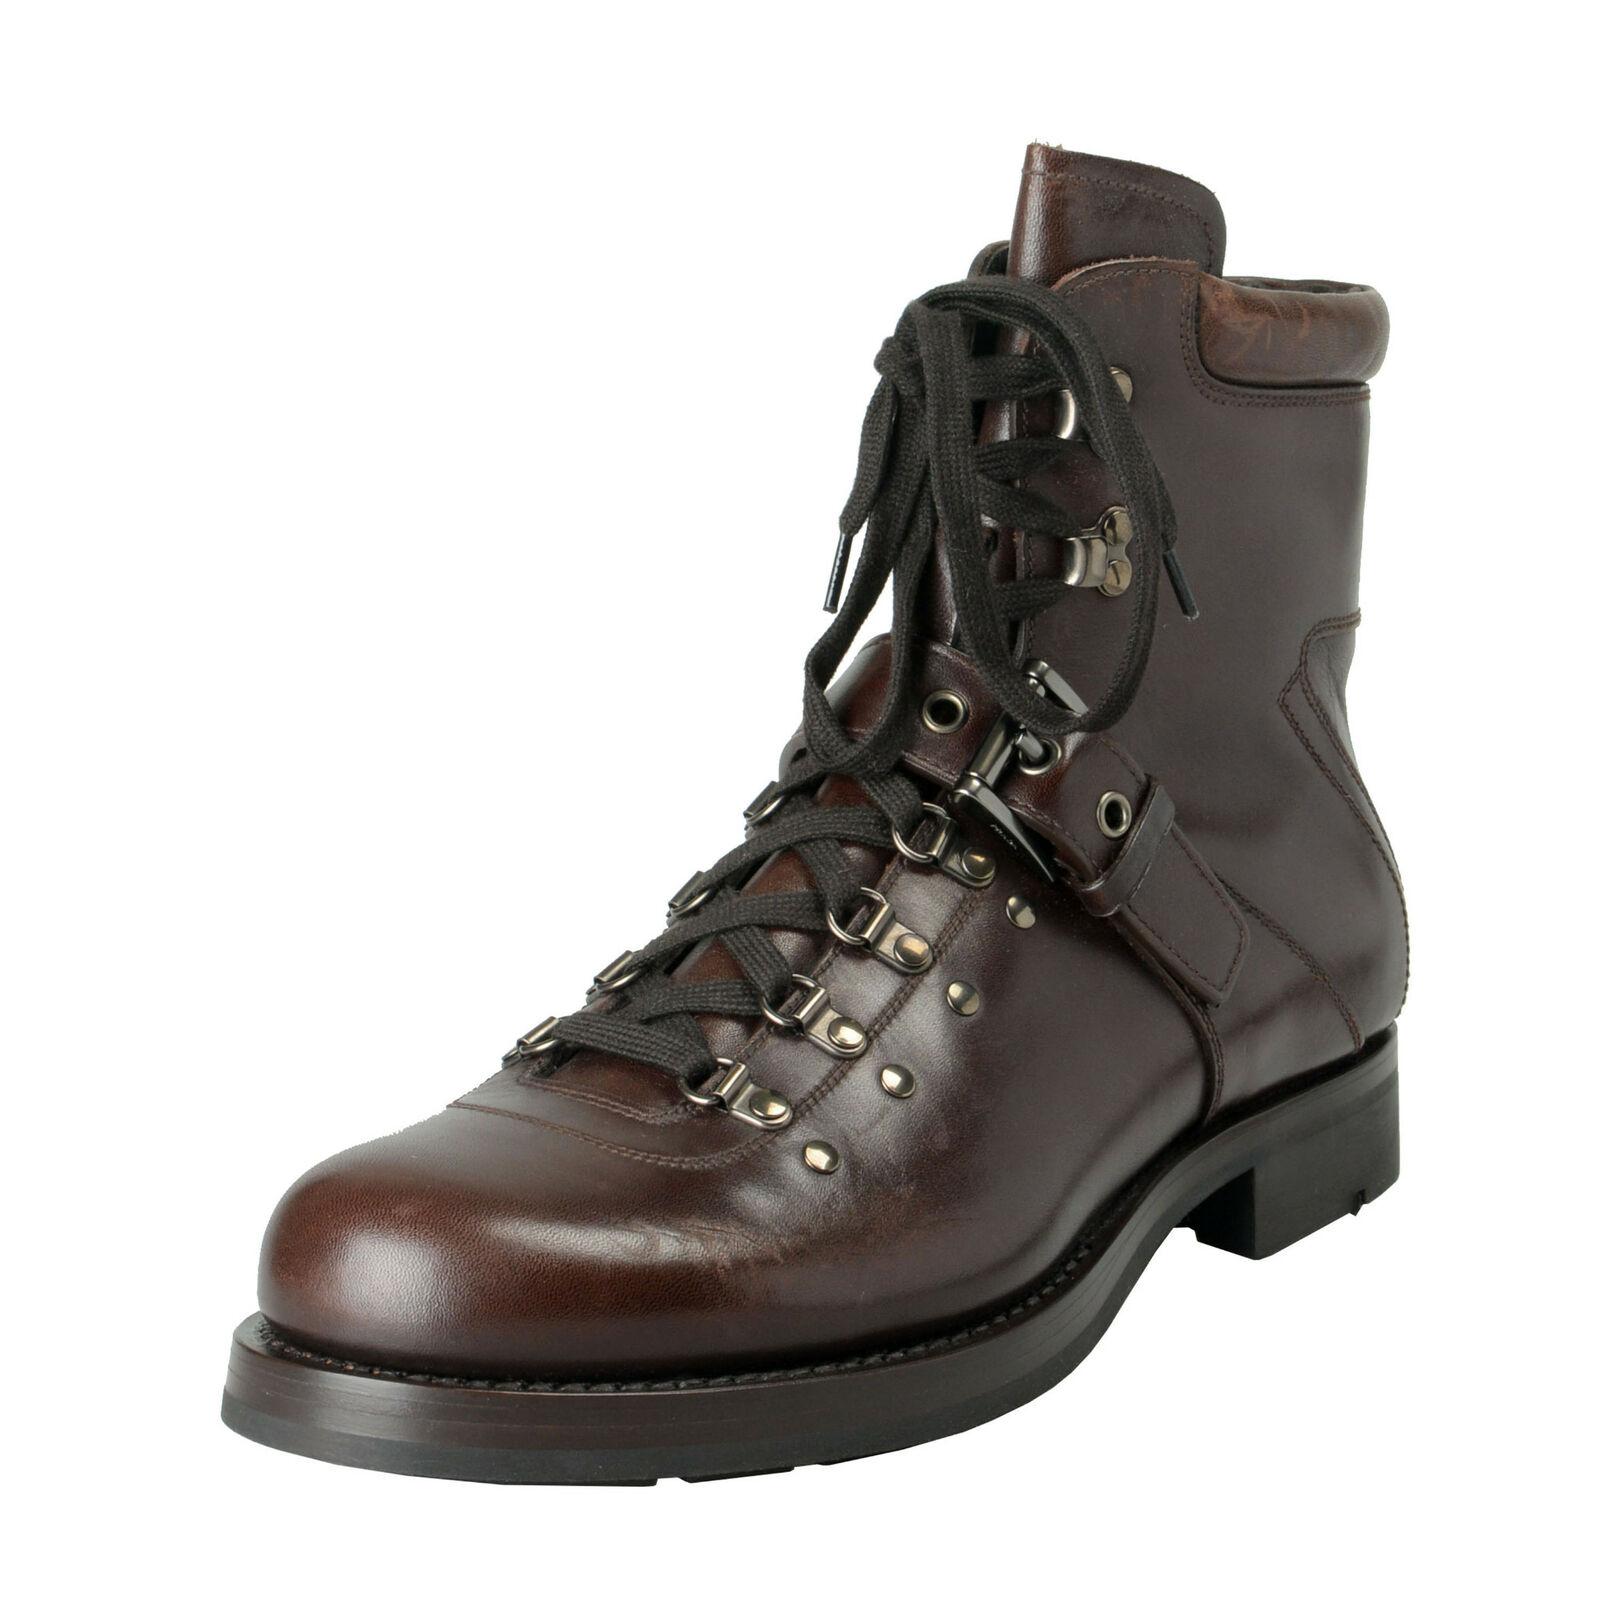 Prada Hombre Marrón Cuero Desgastado Motorcycle botas Zapatos